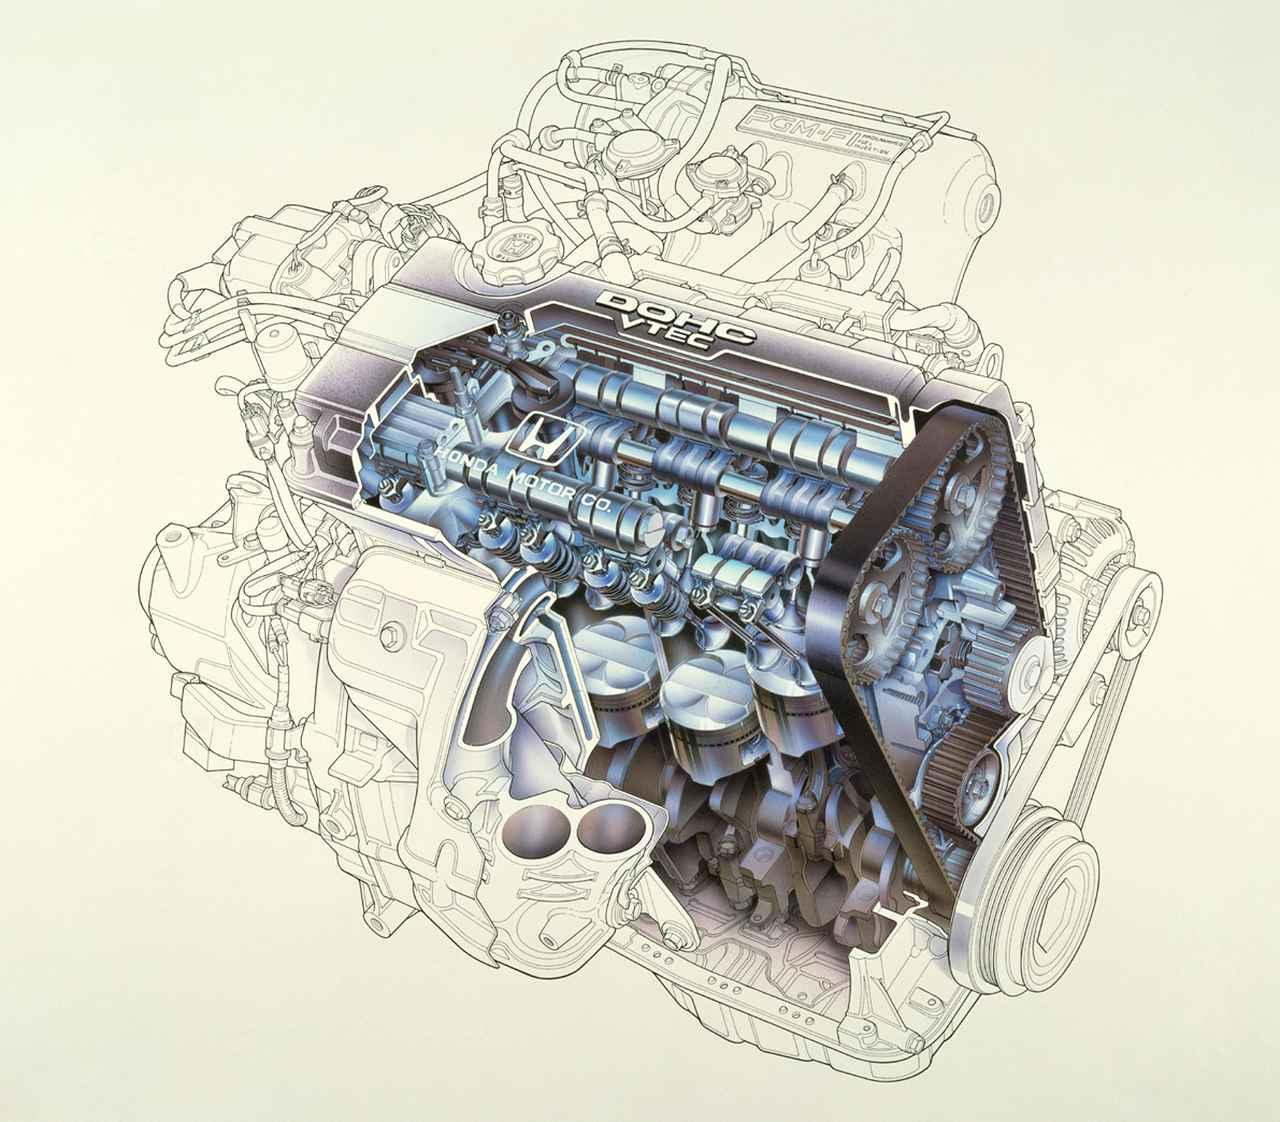 Images : 9番目の画像 - F1直系のテクノロジーを投入したZC型エンジンと主な搭載車 - LAWRENCE - Motorcycle x Cars + α = Your Life.